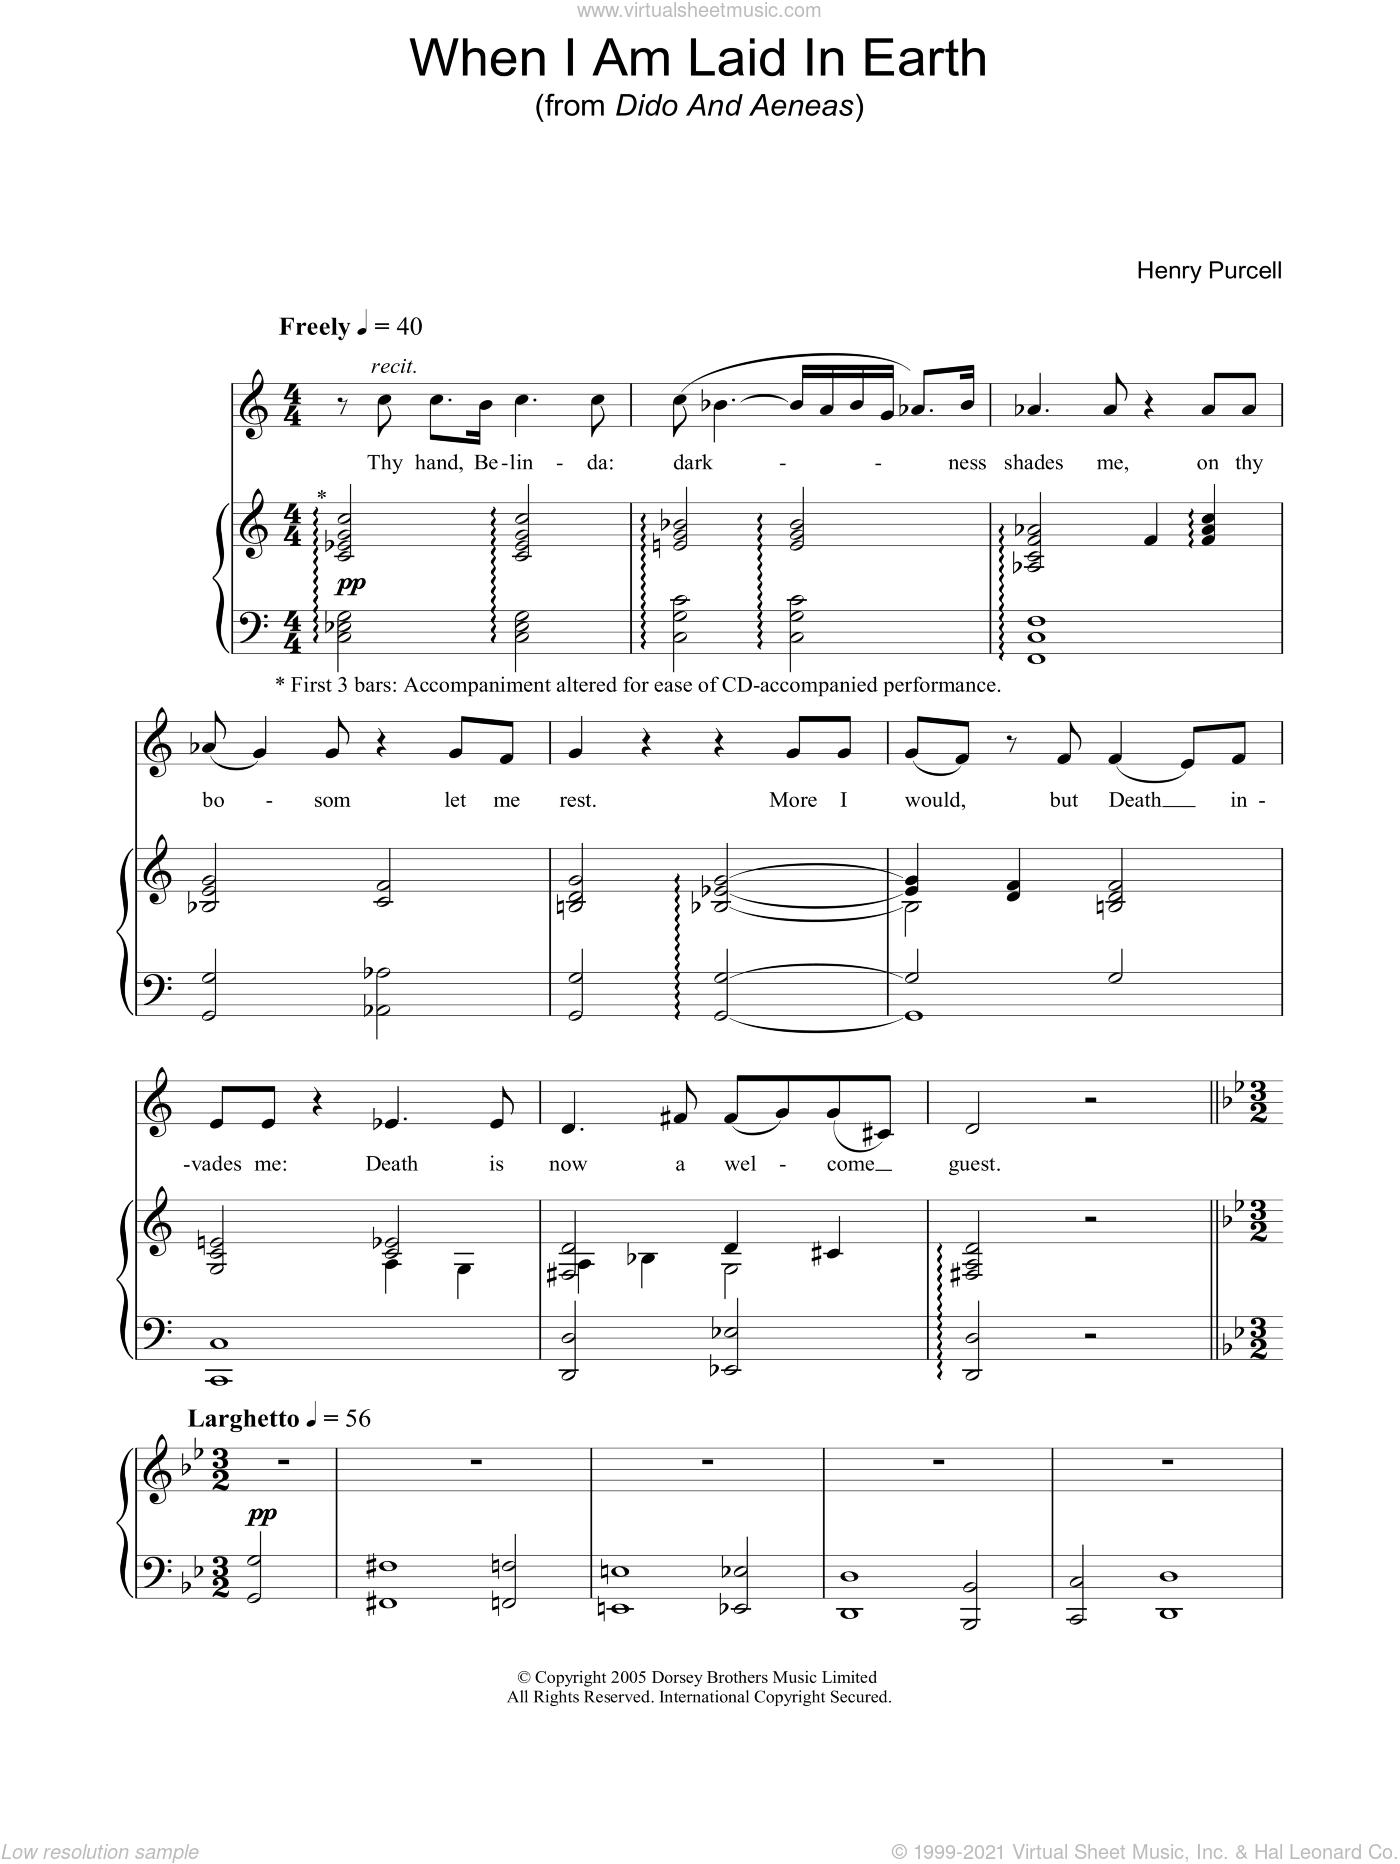 When I am laid in earth für Violine und Klavier Henry Purcell